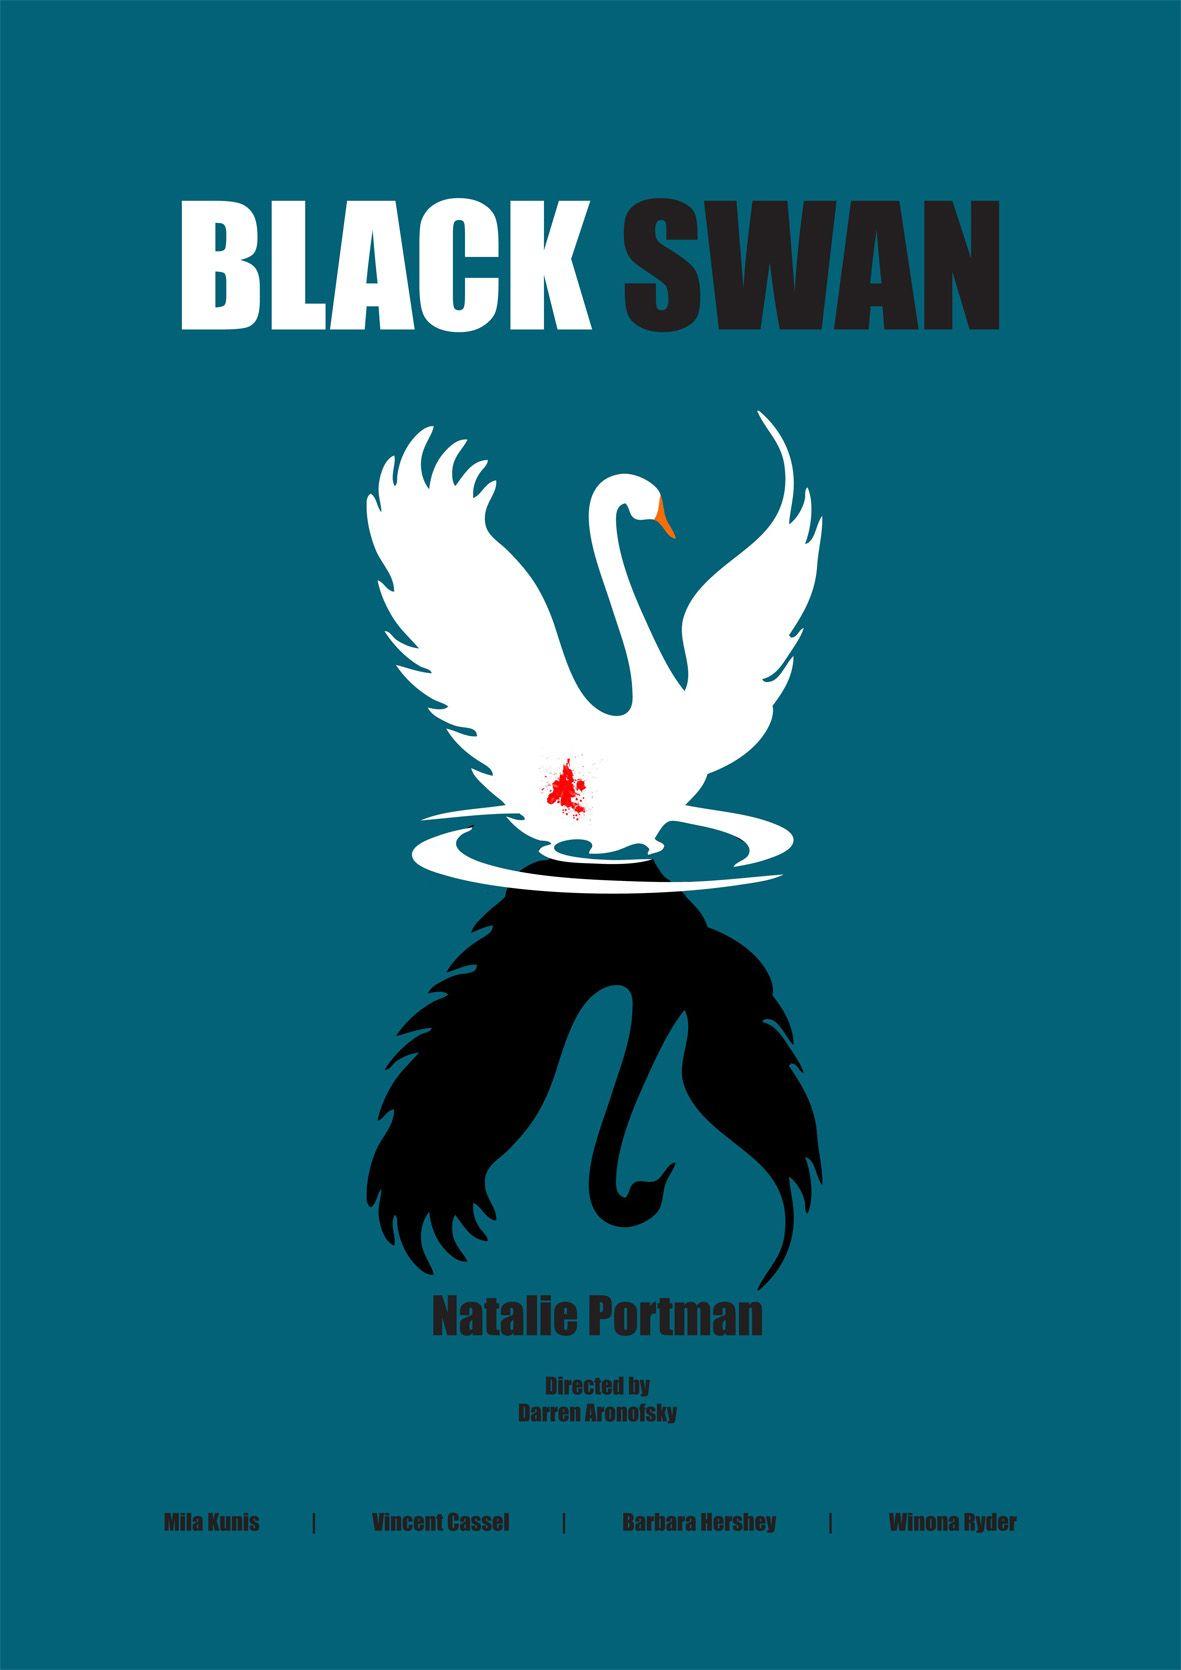 black swan alternative film poster 1 alternative film